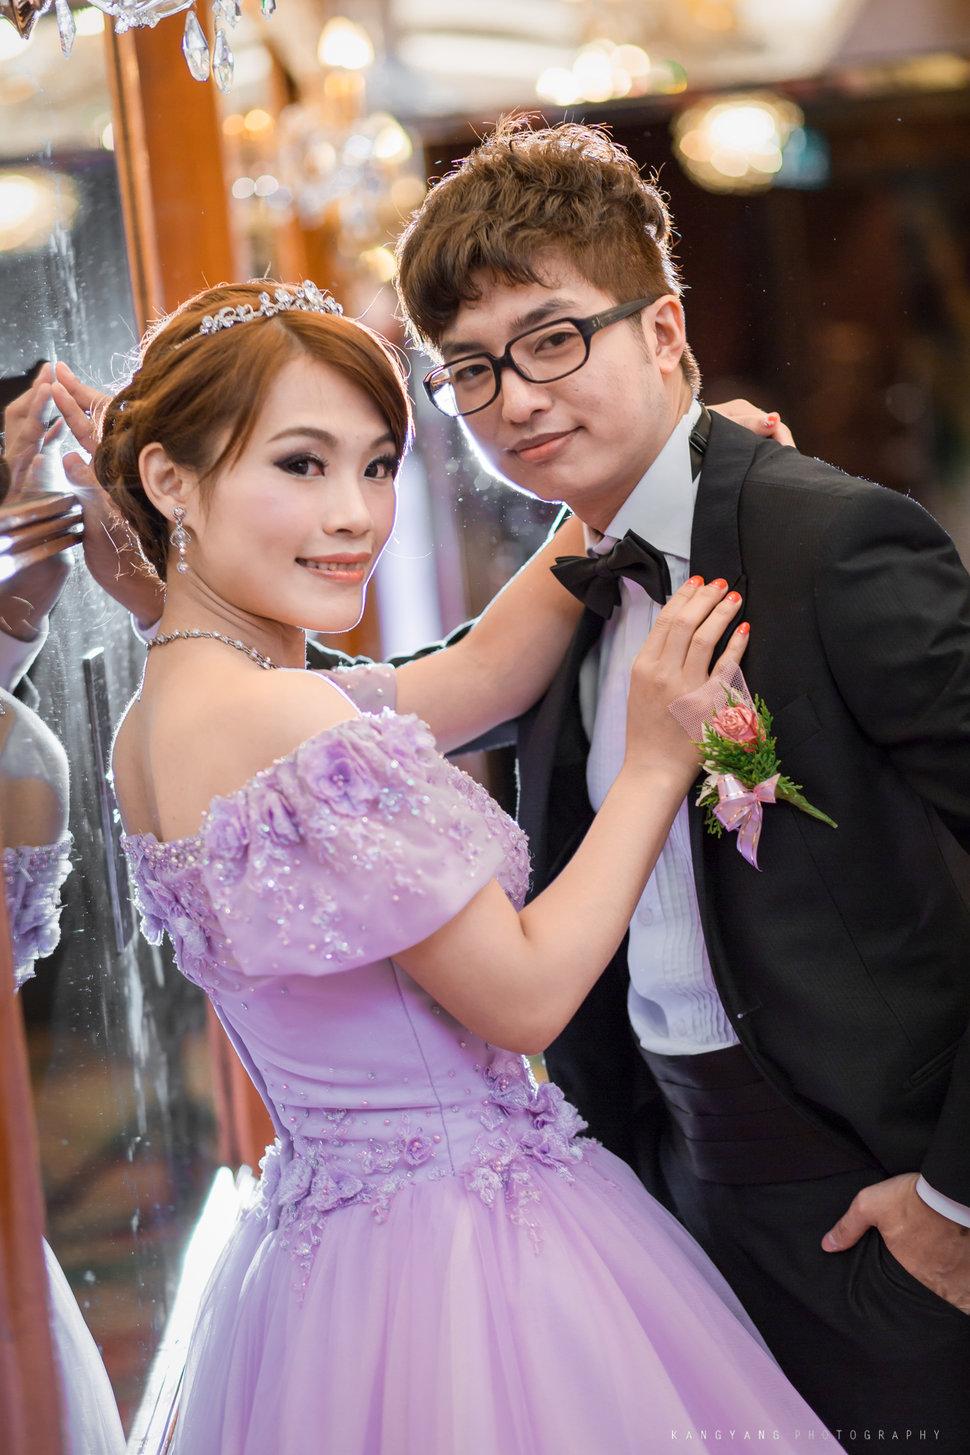 (編號:426453) - 百二婚禮工作室 - 婚攝楊康 - 結婚吧